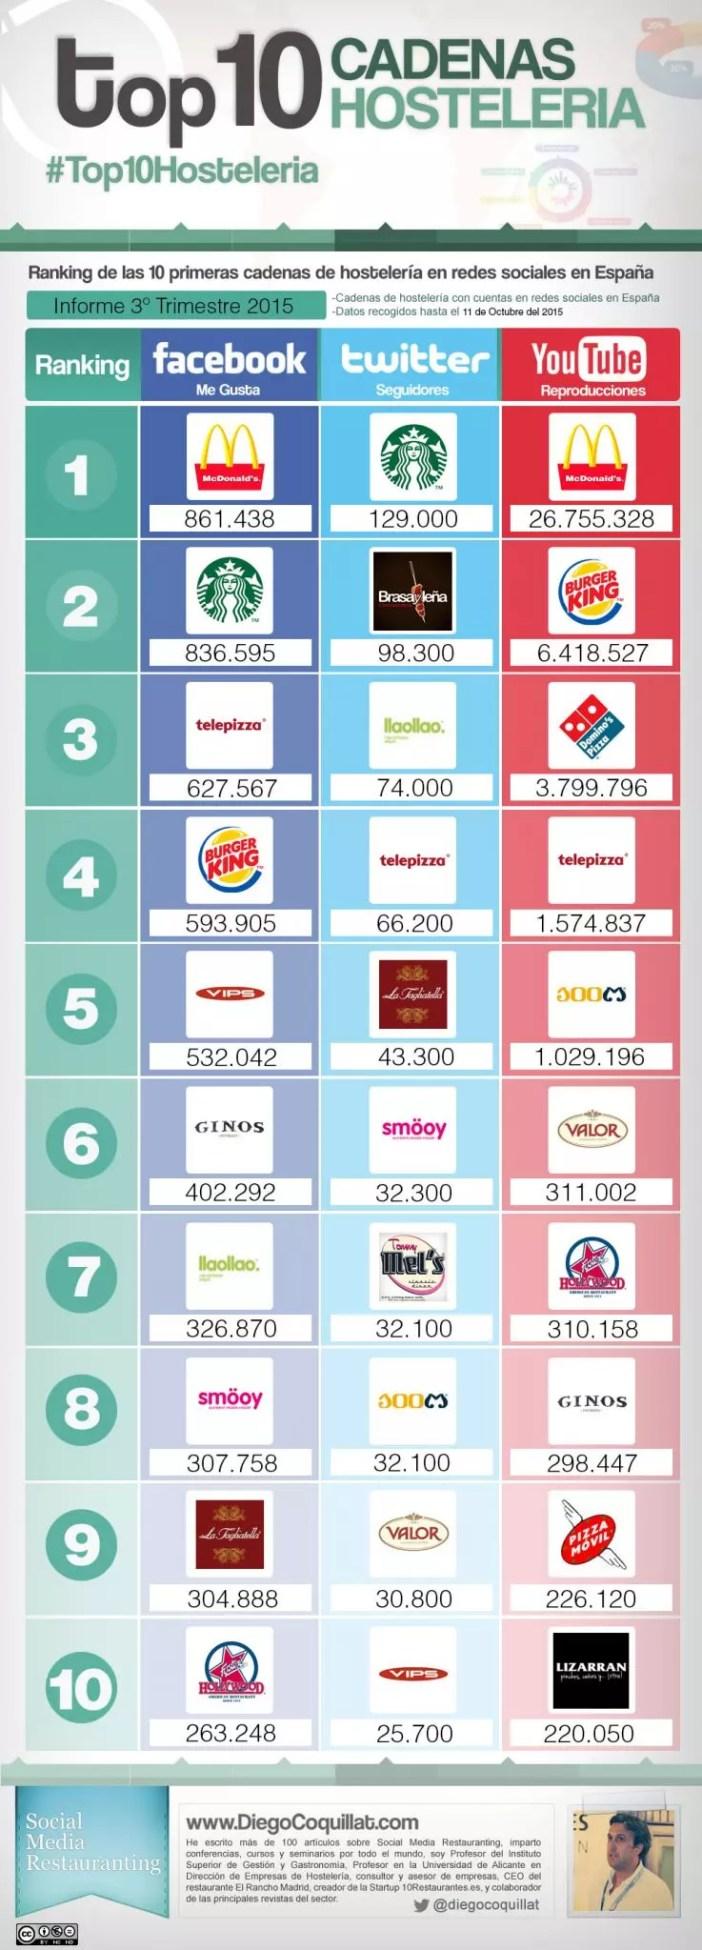 infographies avec 10 meilleures chaînes de restaurants à facebook, twitter youtube y